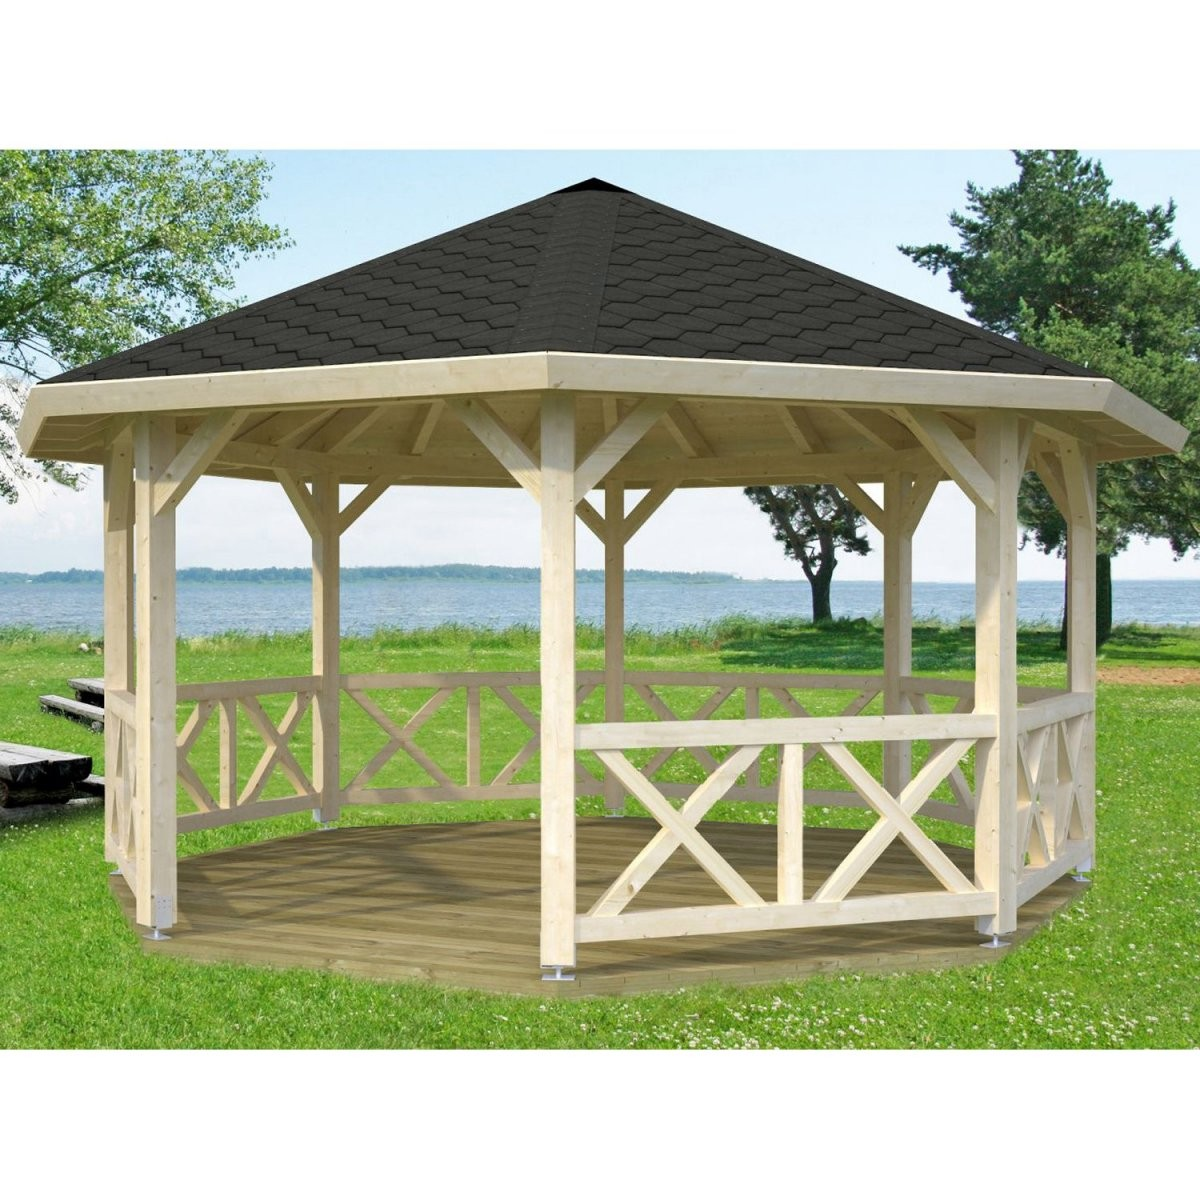 Gartenlauben  Holzpavillons Online Kaufen Bei Obi  Obi von Pavillon Holz 4X4 Selber Bauen Bild